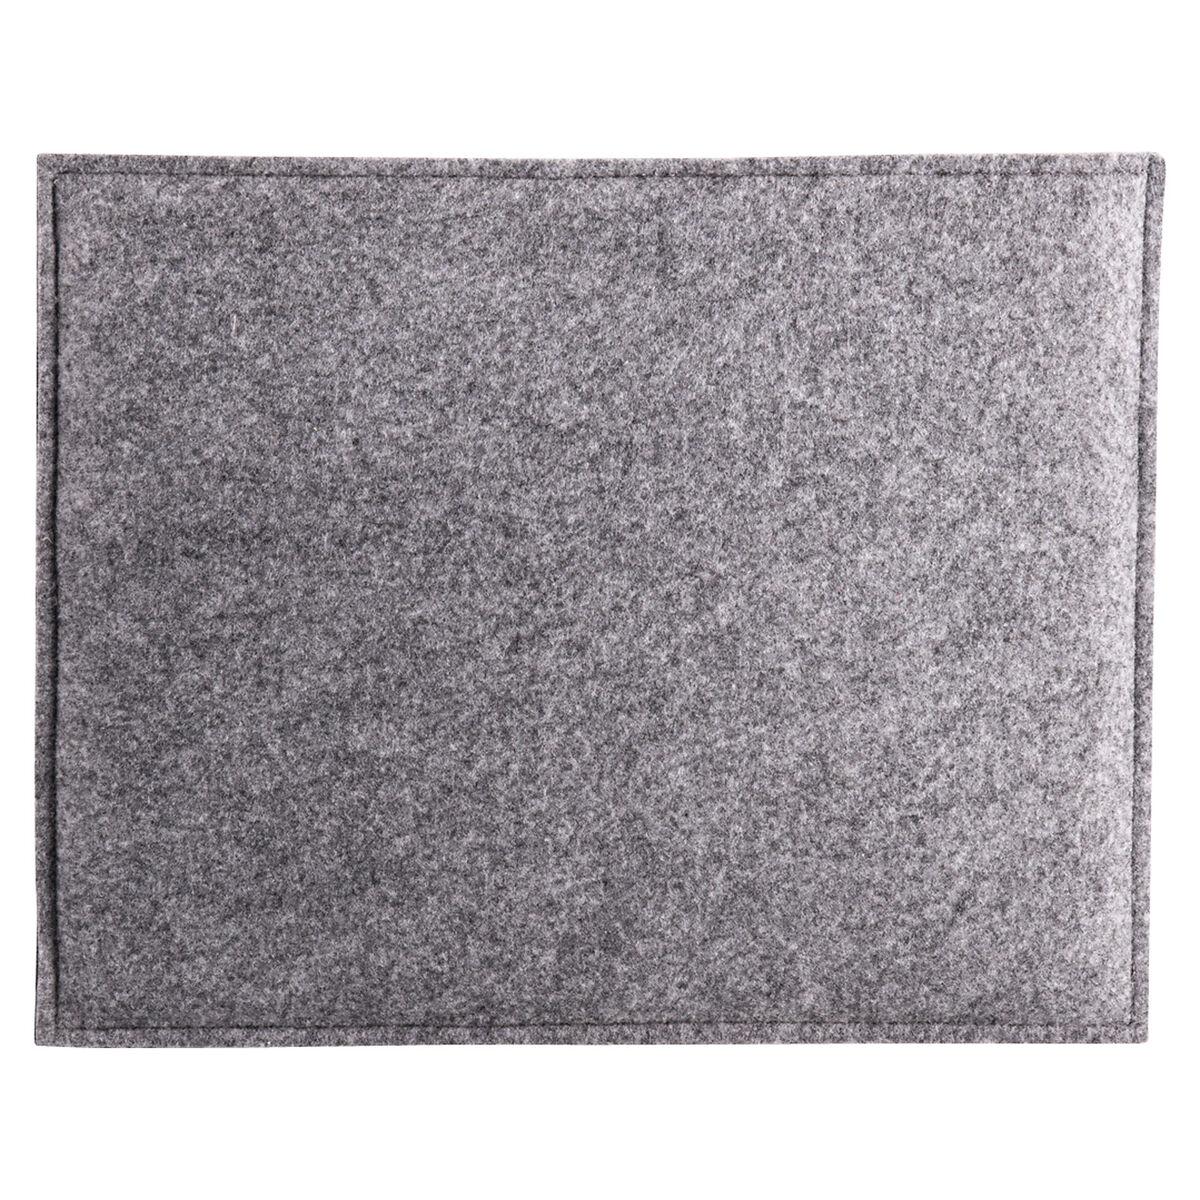 sitzkissen filz grau ca b 32 x l 40 cm depot de. Black Bedroom Furniture Sets. Home Design Ideas